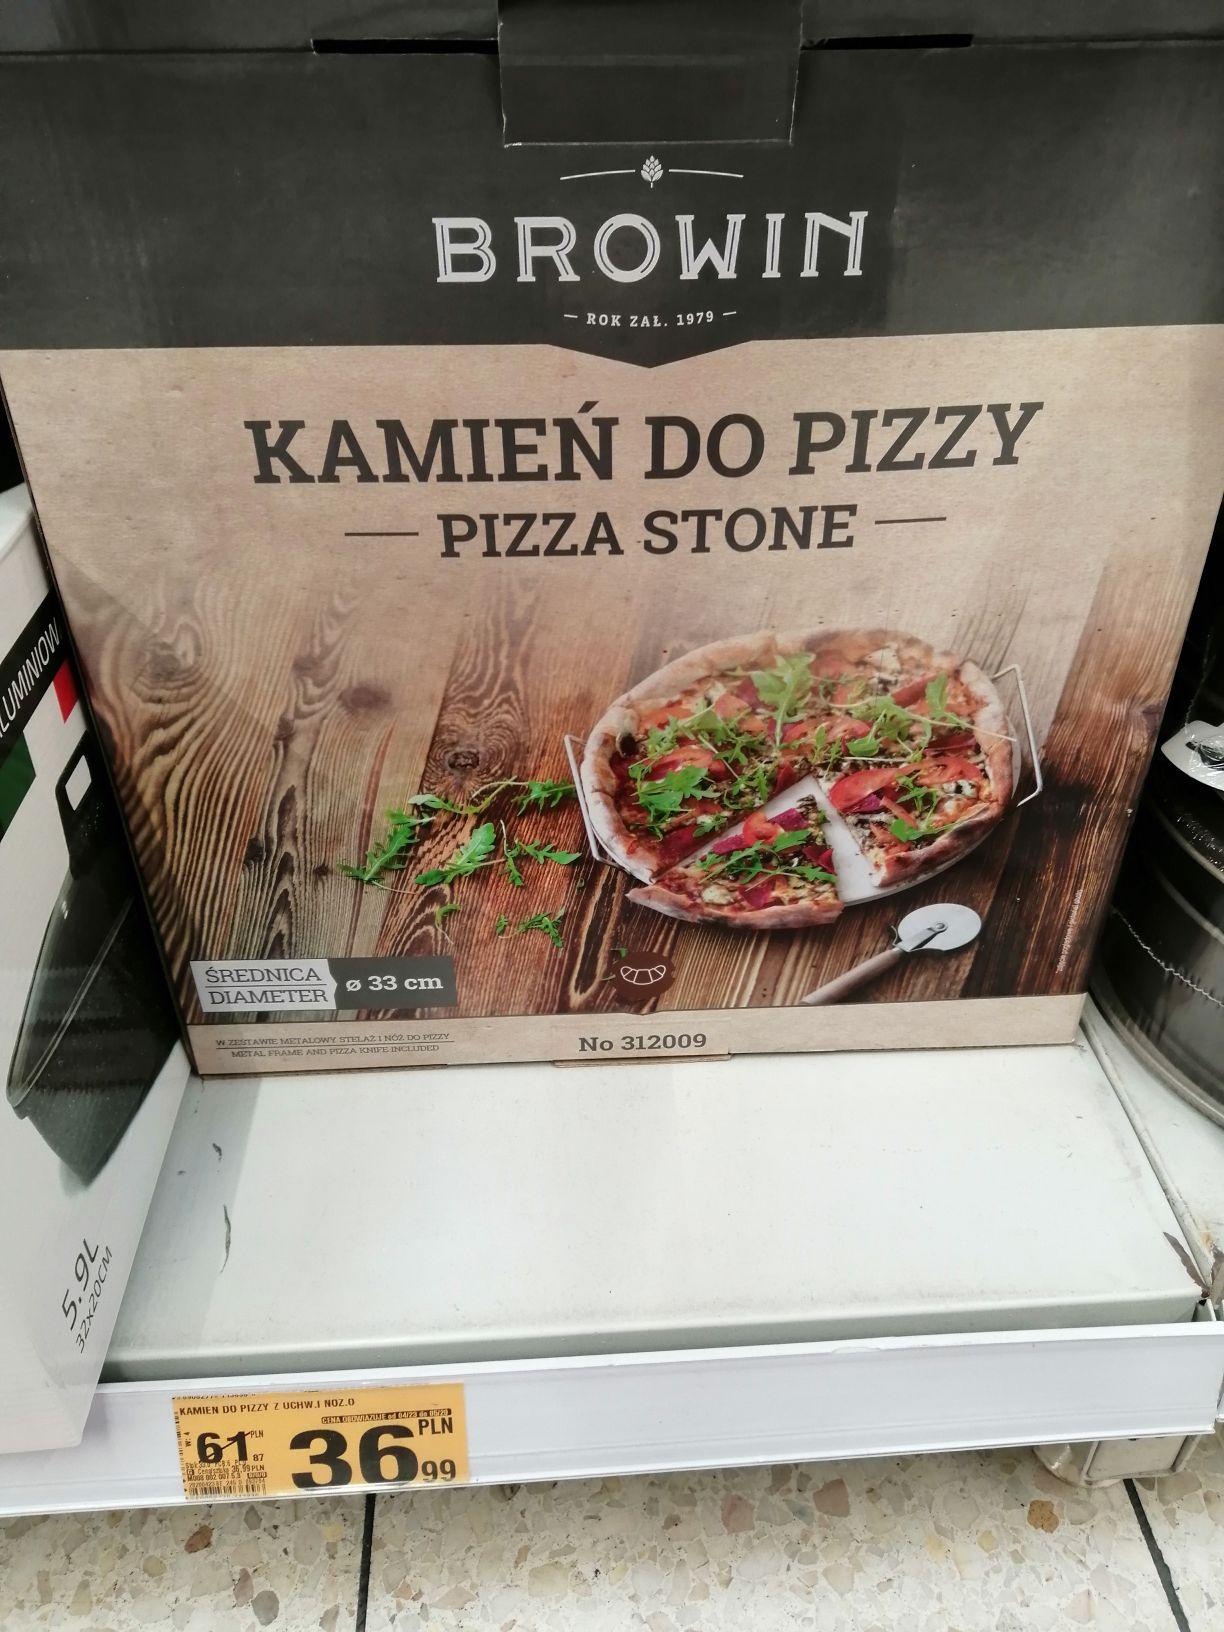 Kamień do pieczenia pizzy z nożem i uchwytem. Toruń Copernicus Auchan